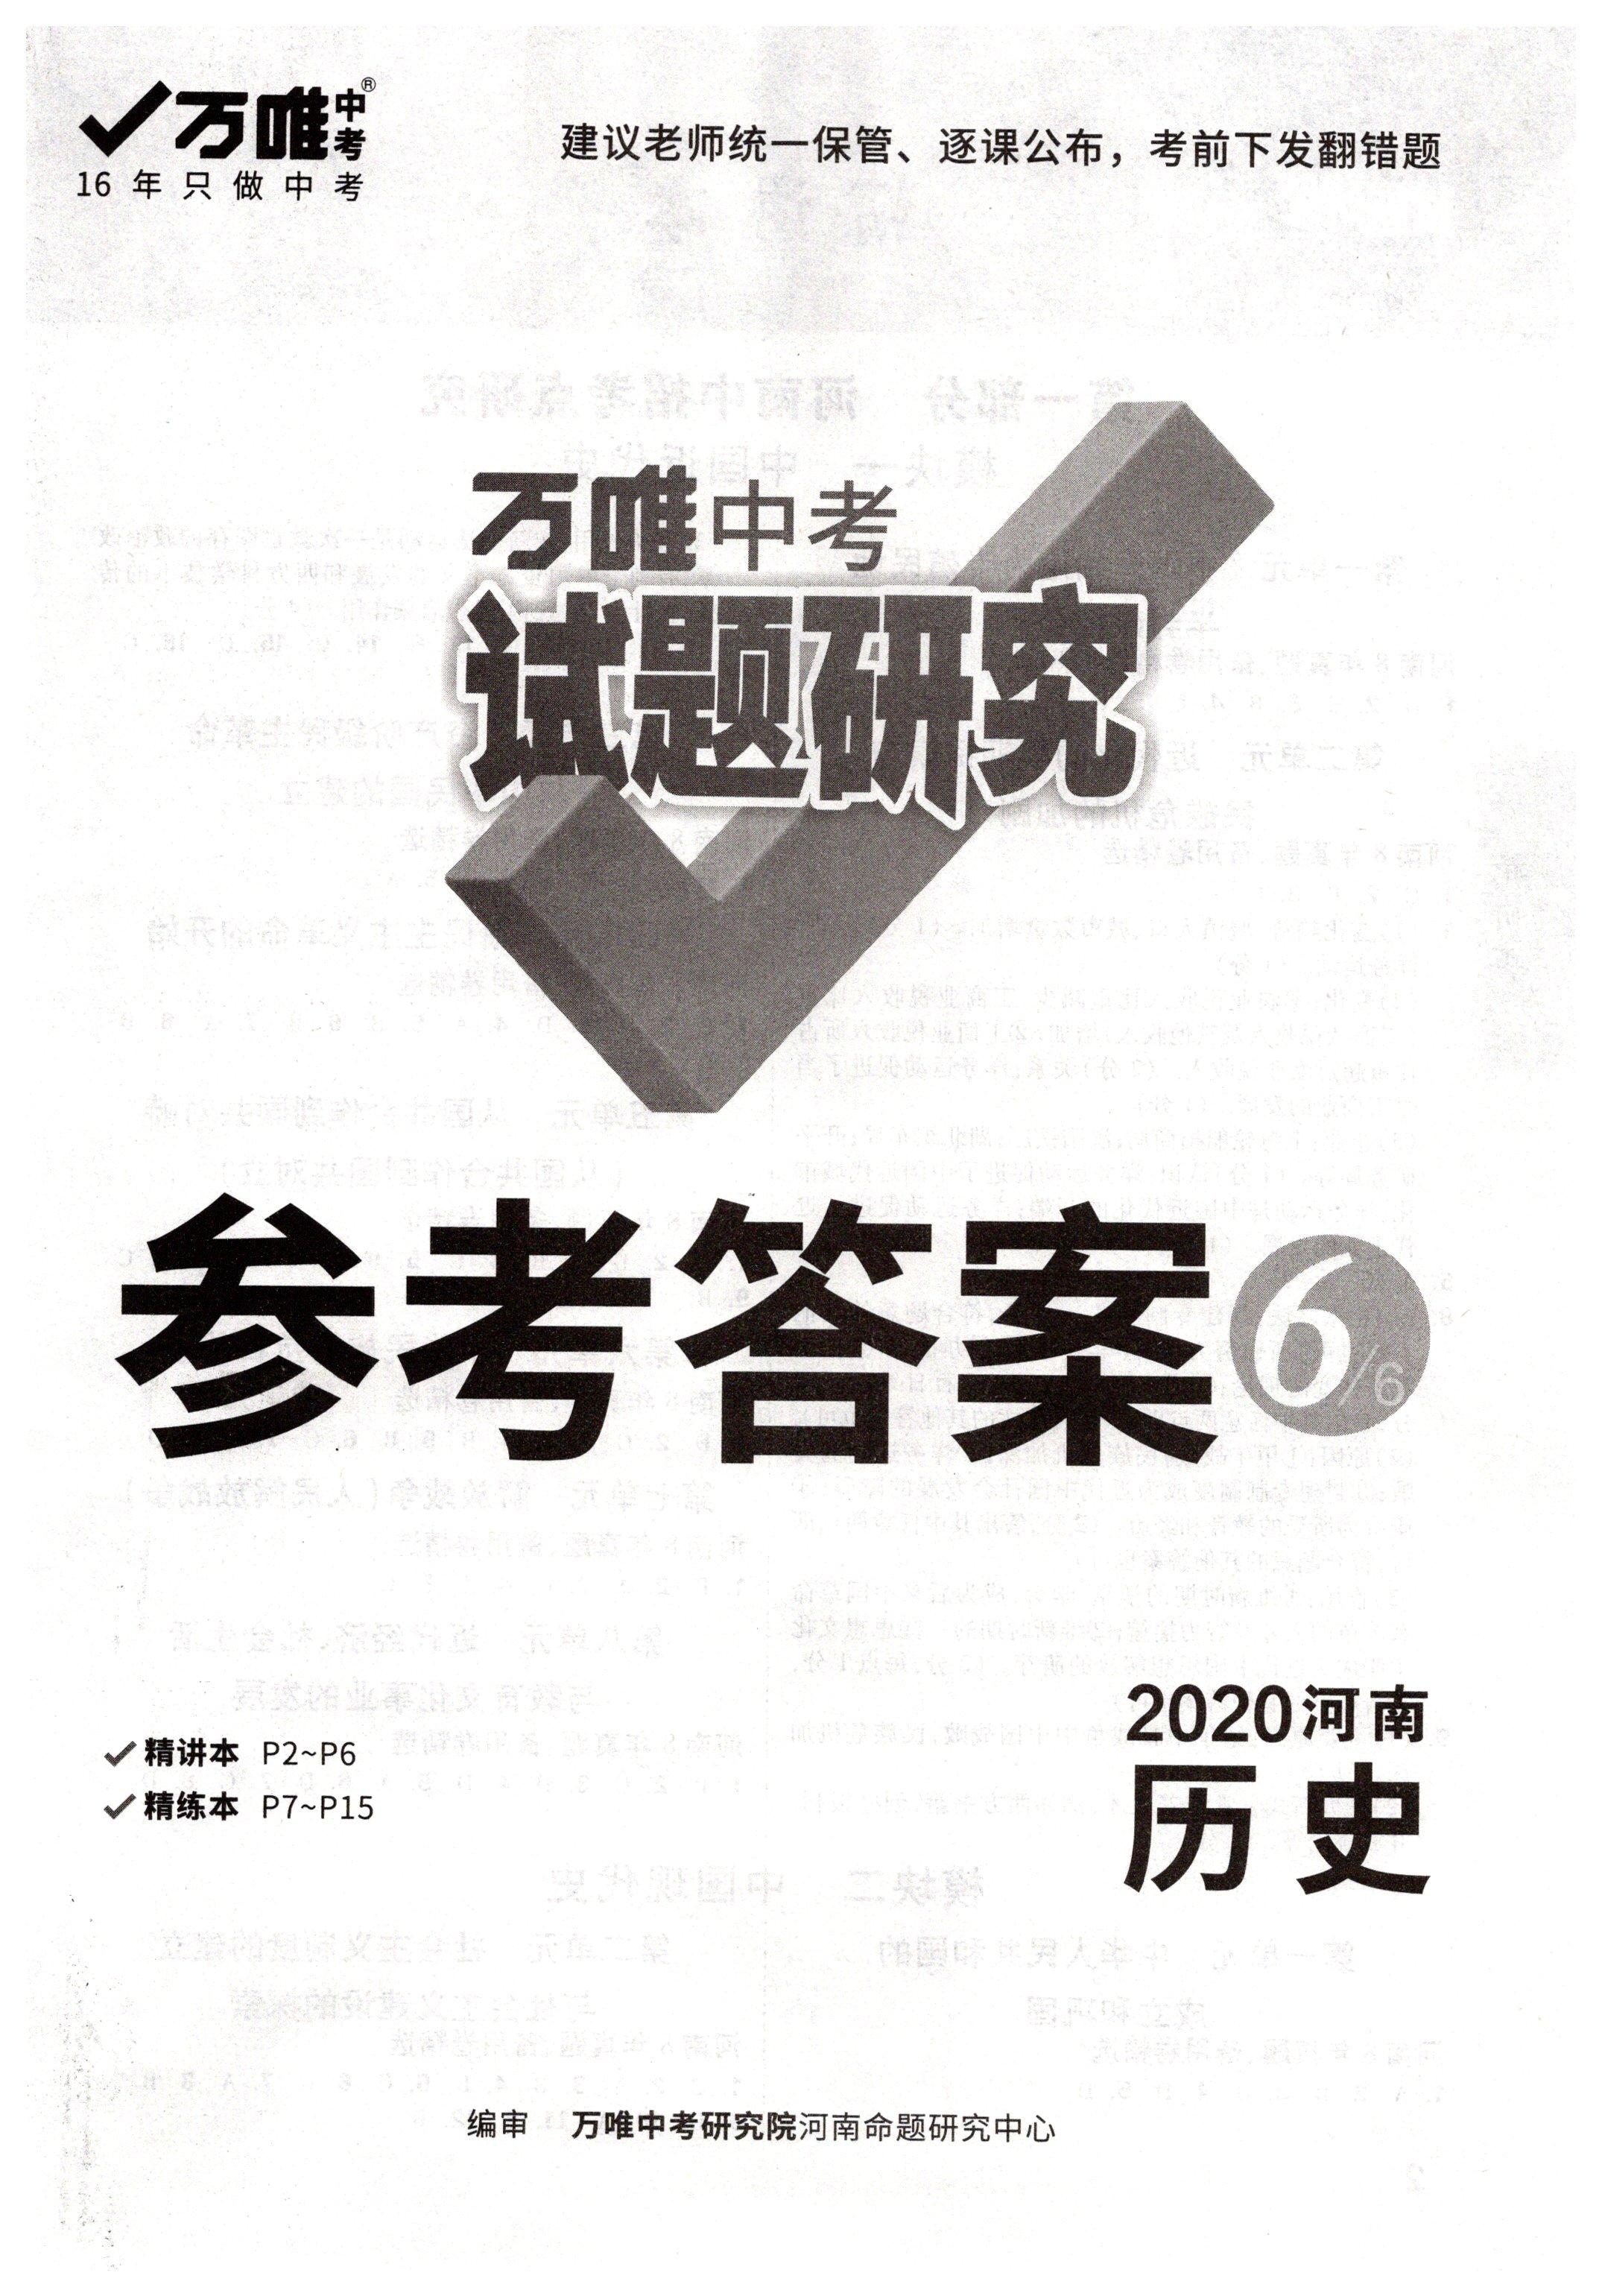 2020年万唯中考试题研究九年级历史河南专版第1页